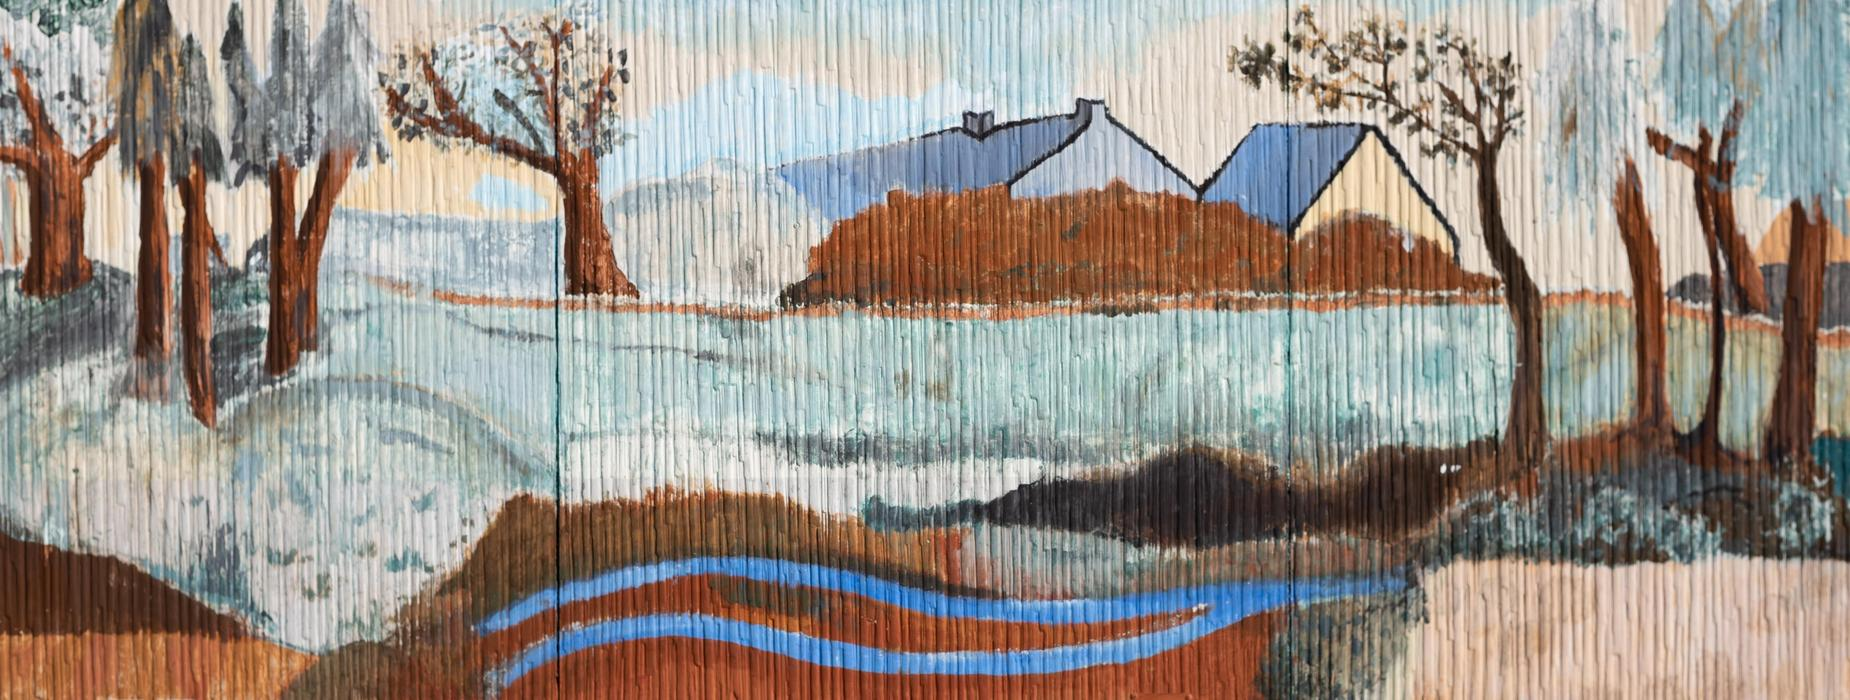 Bungalow Art Work Up Close